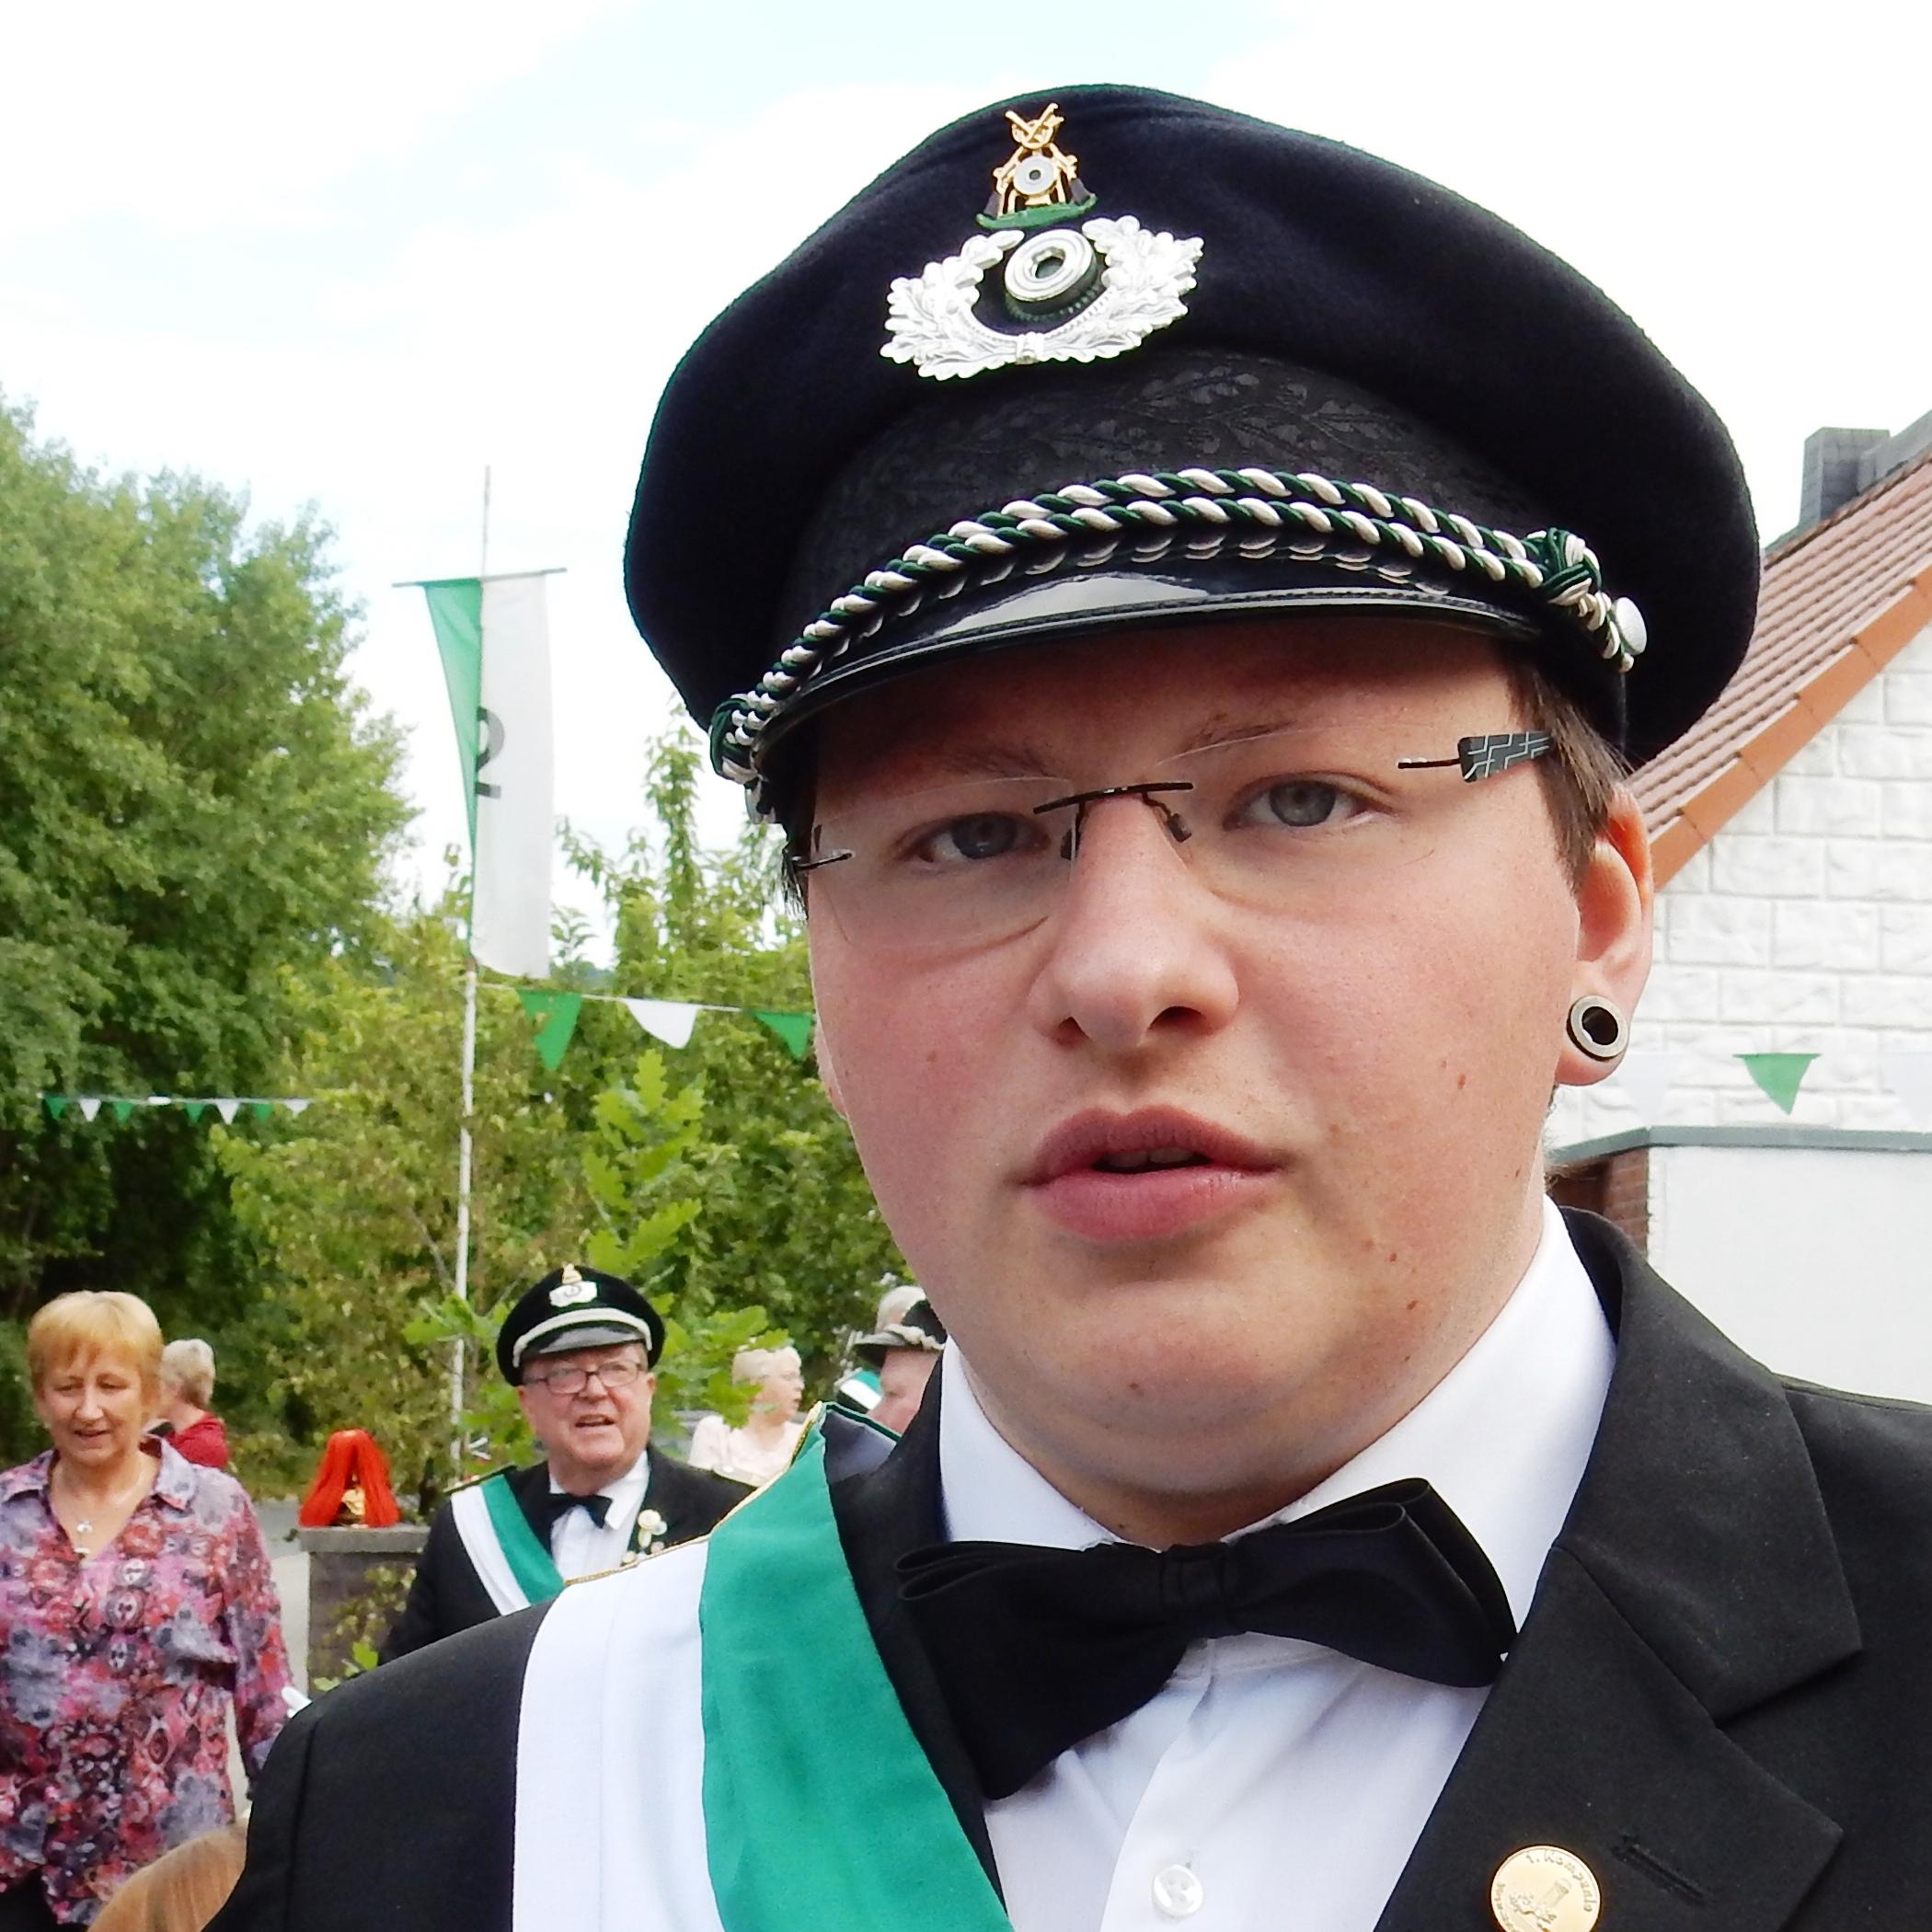 Joshua Kröning